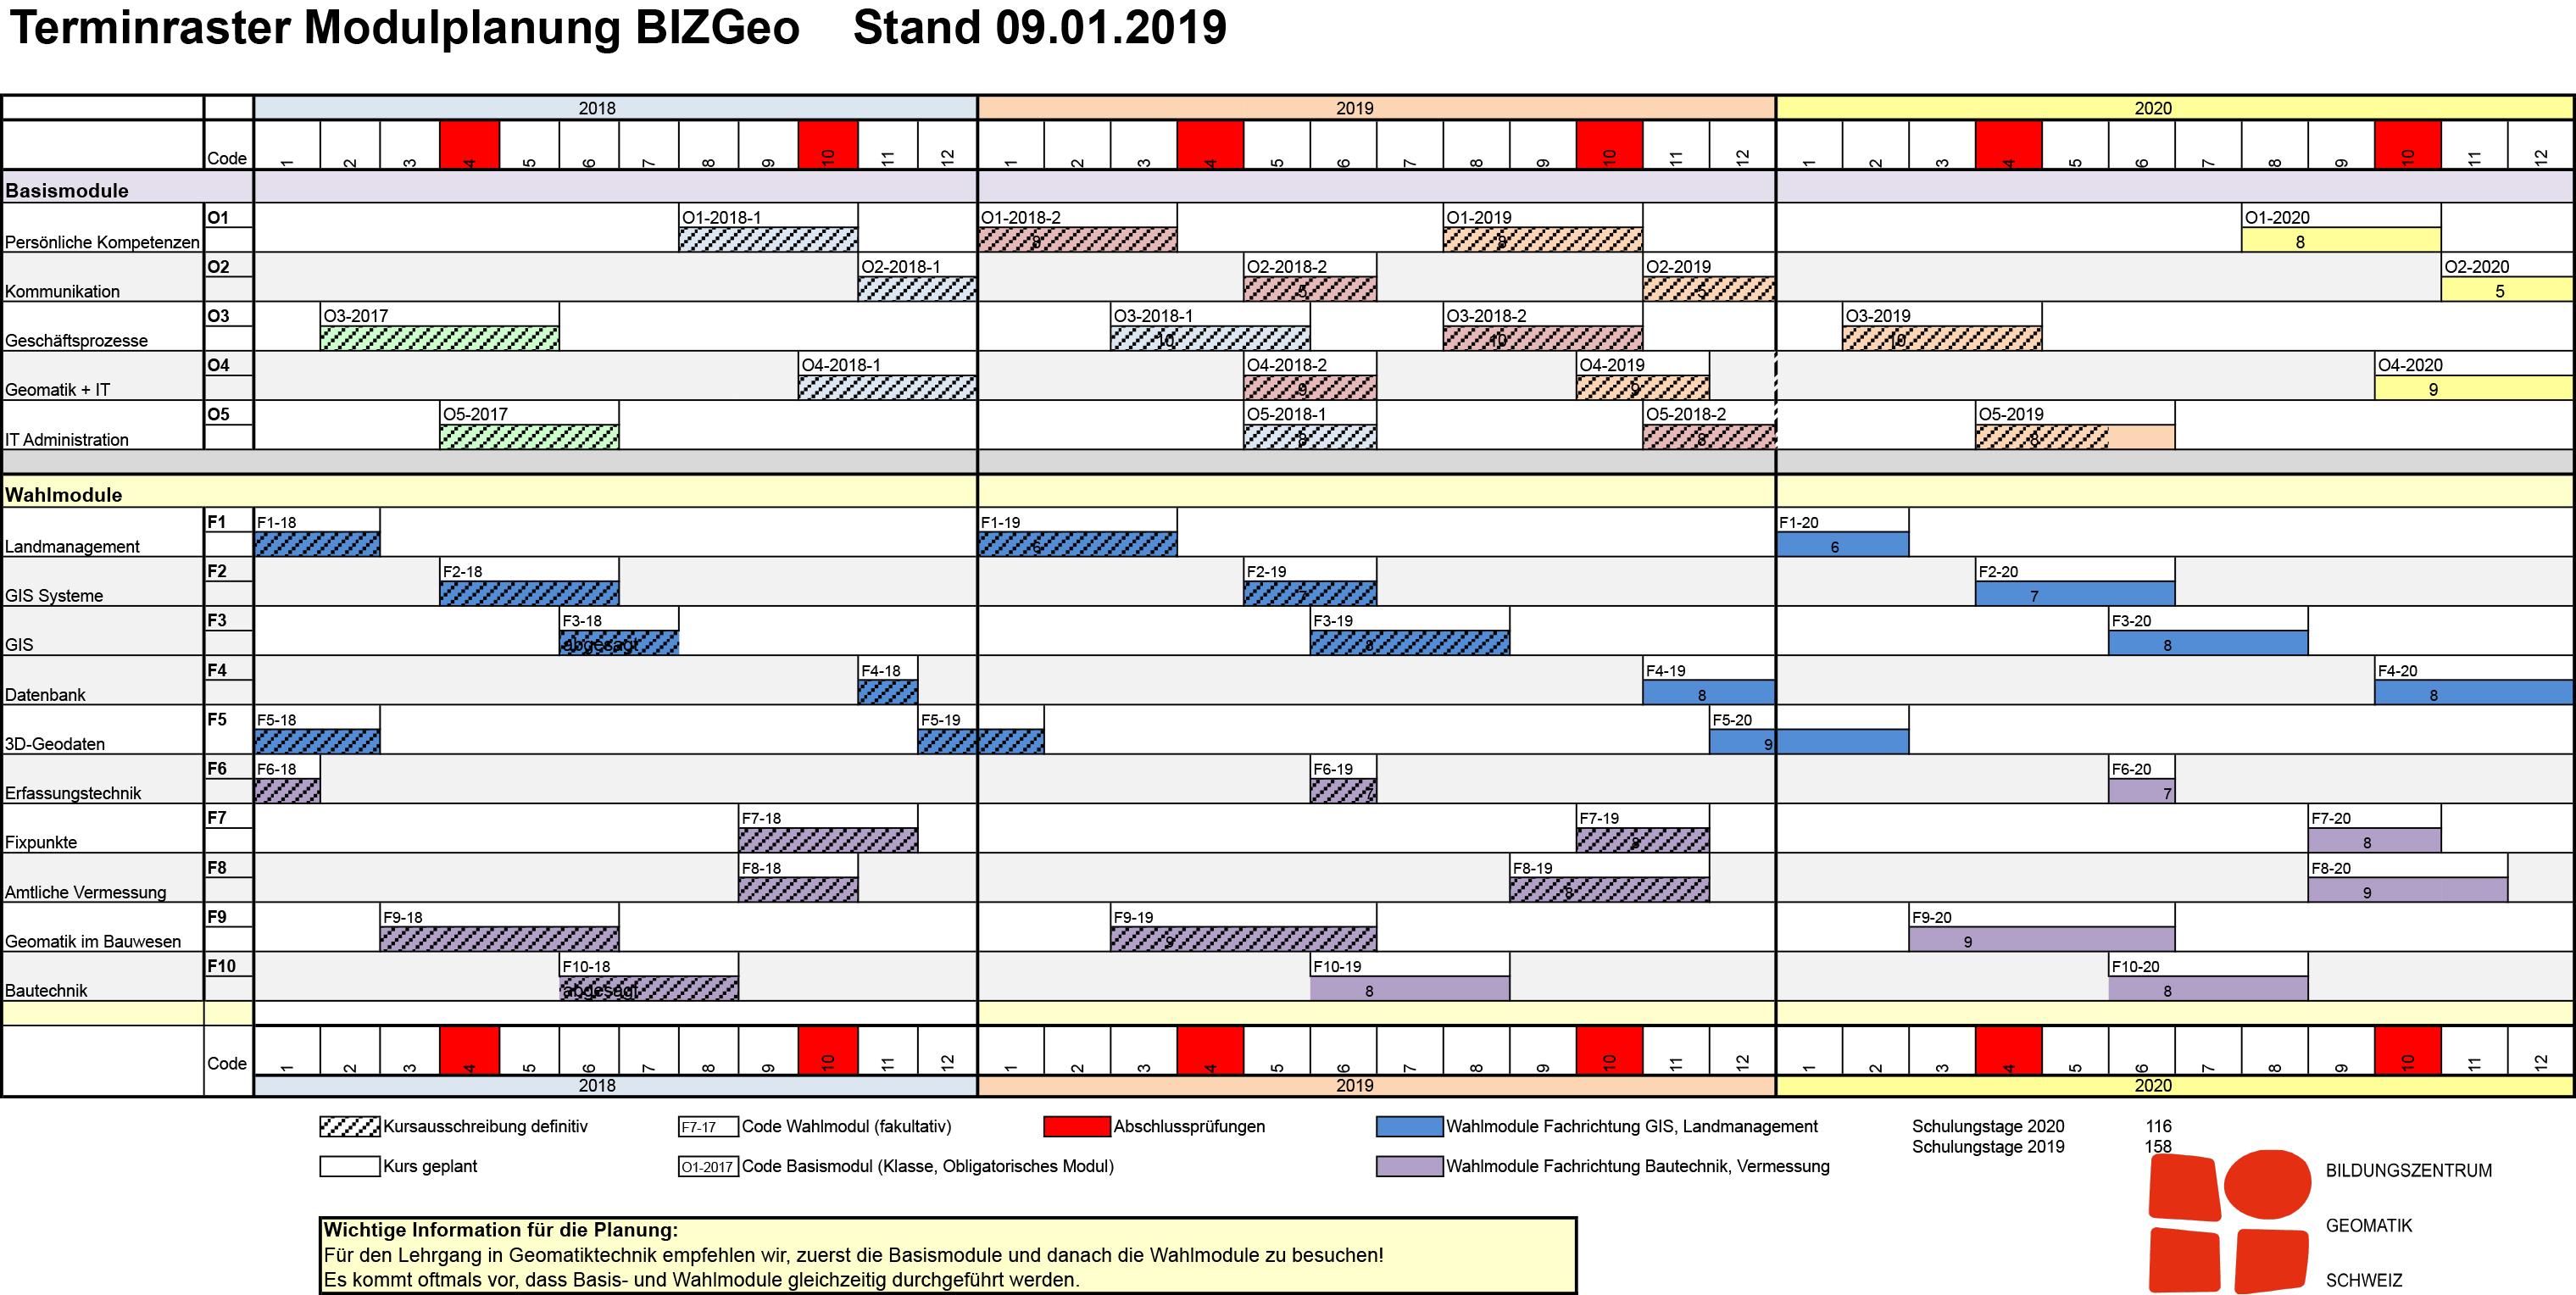 Modulplanung BIZ-Geo Stand 09.01.2019